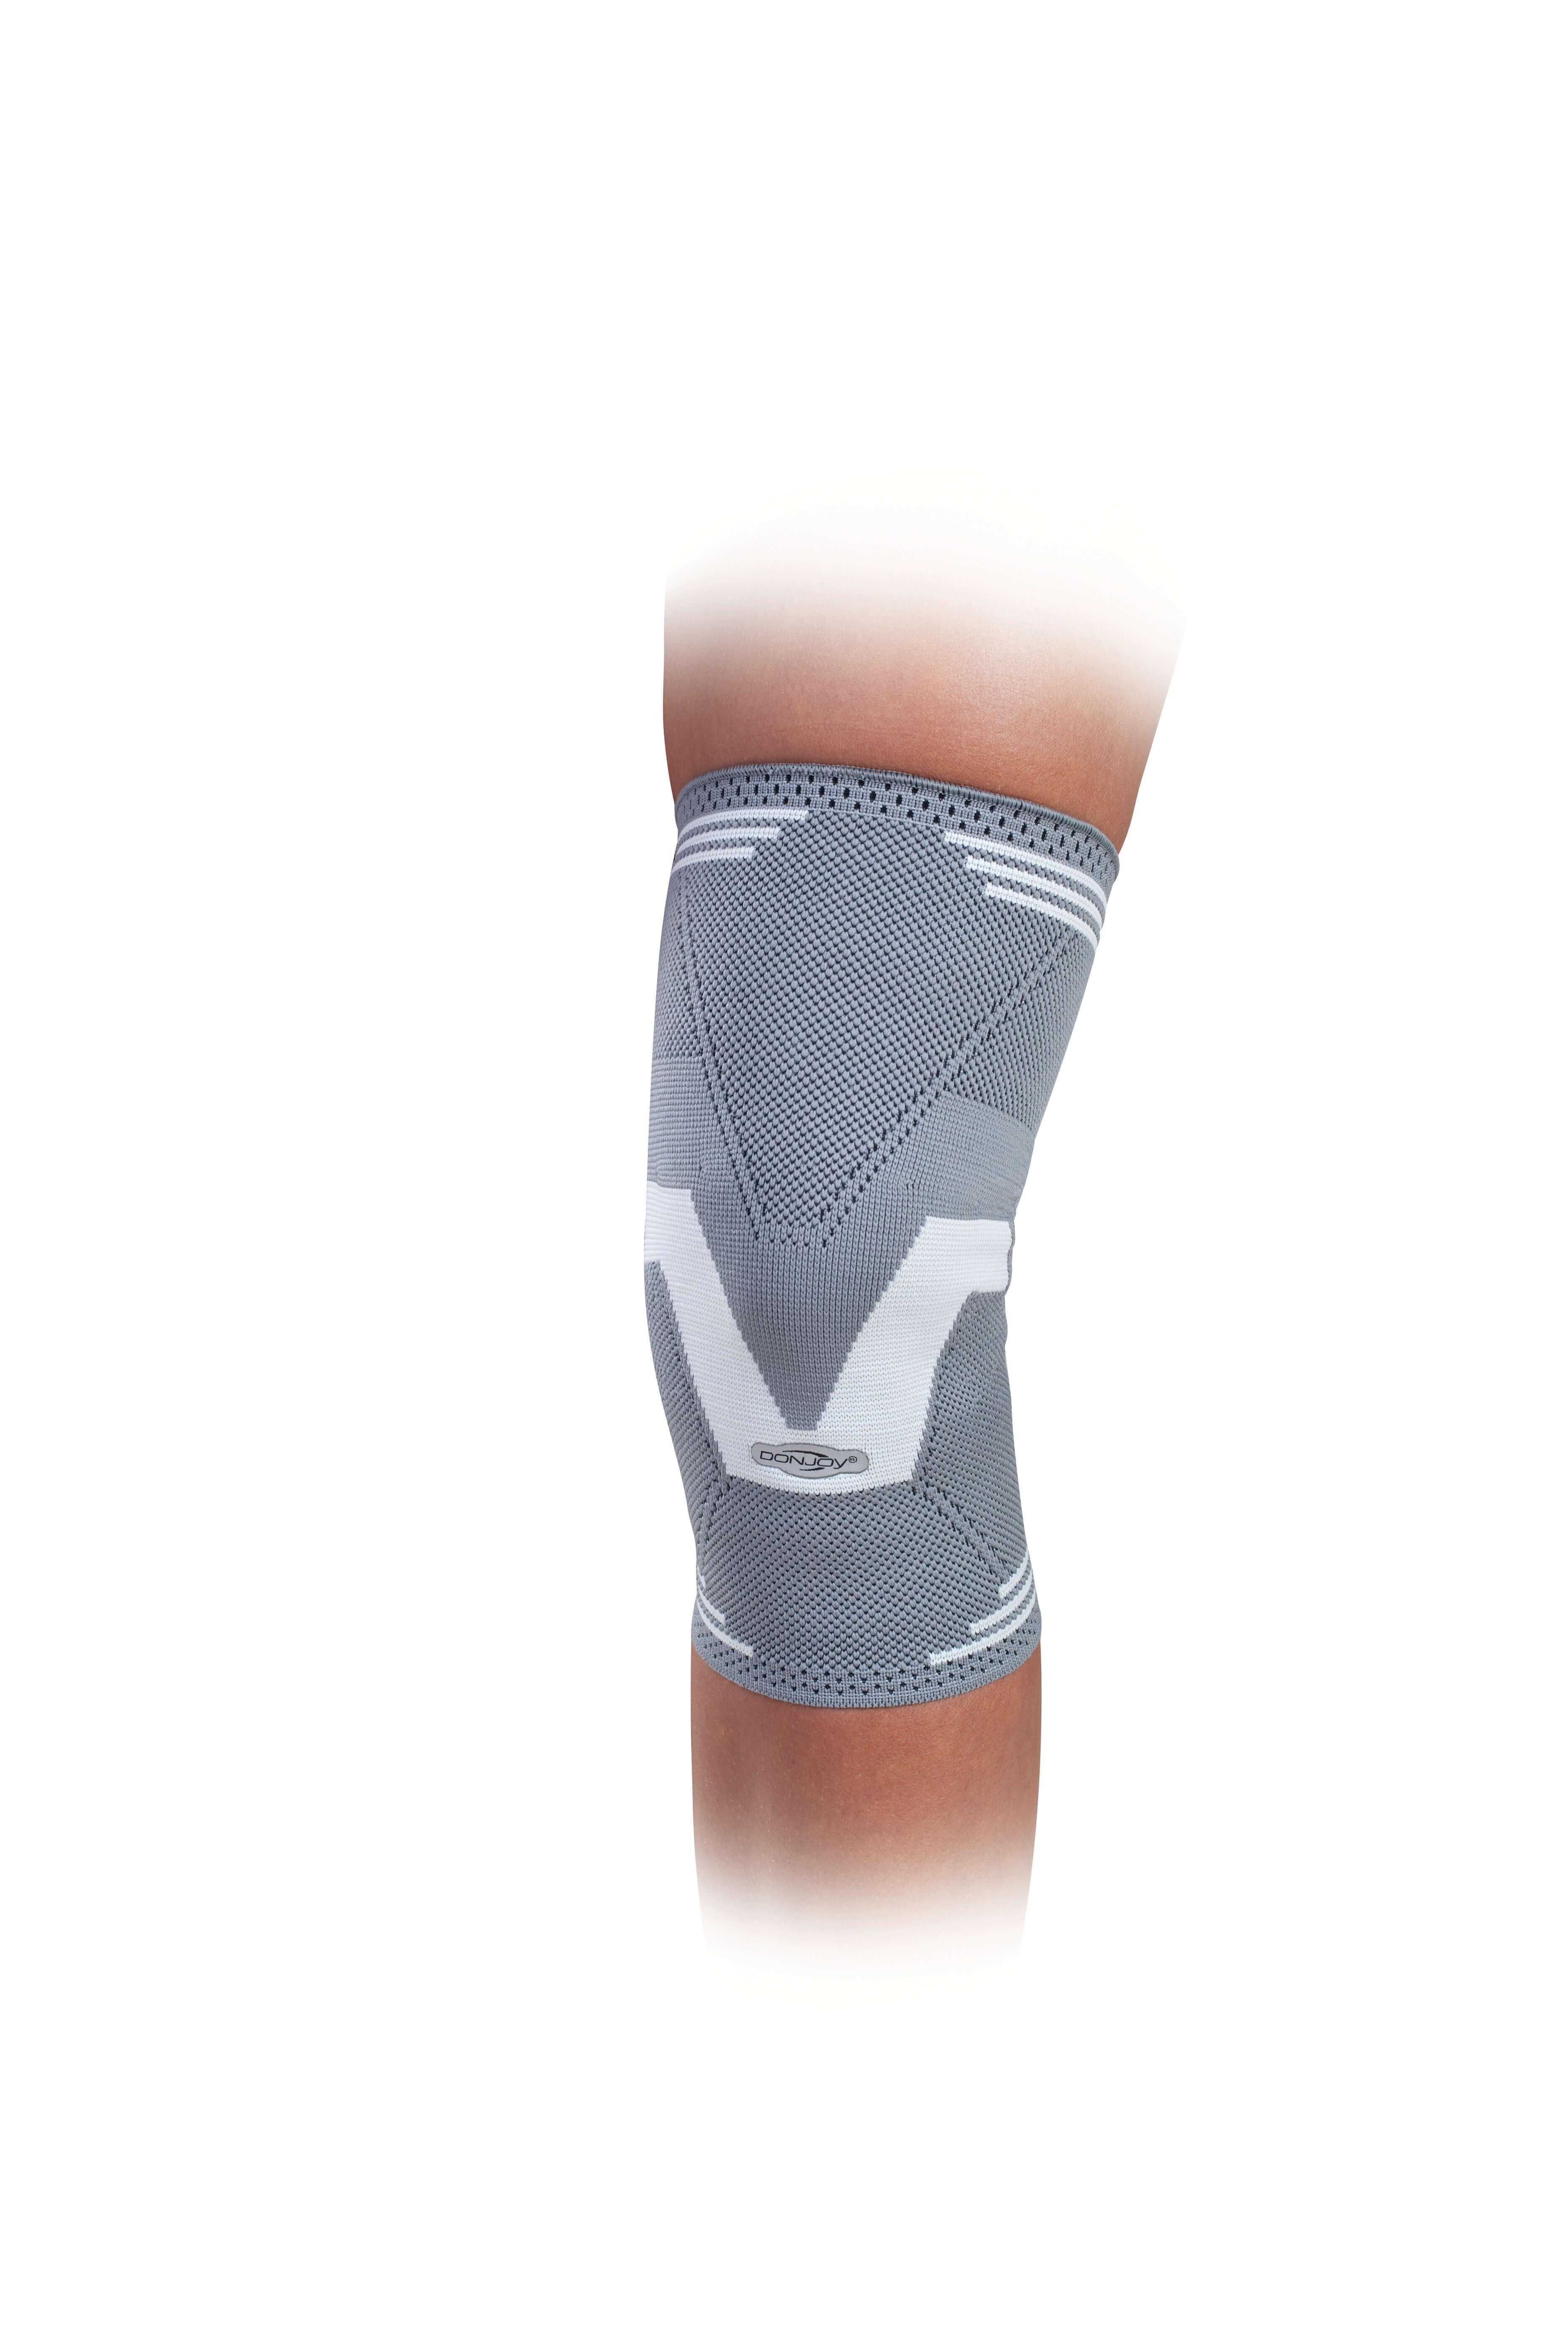 Fortilax Knee Colour Hi